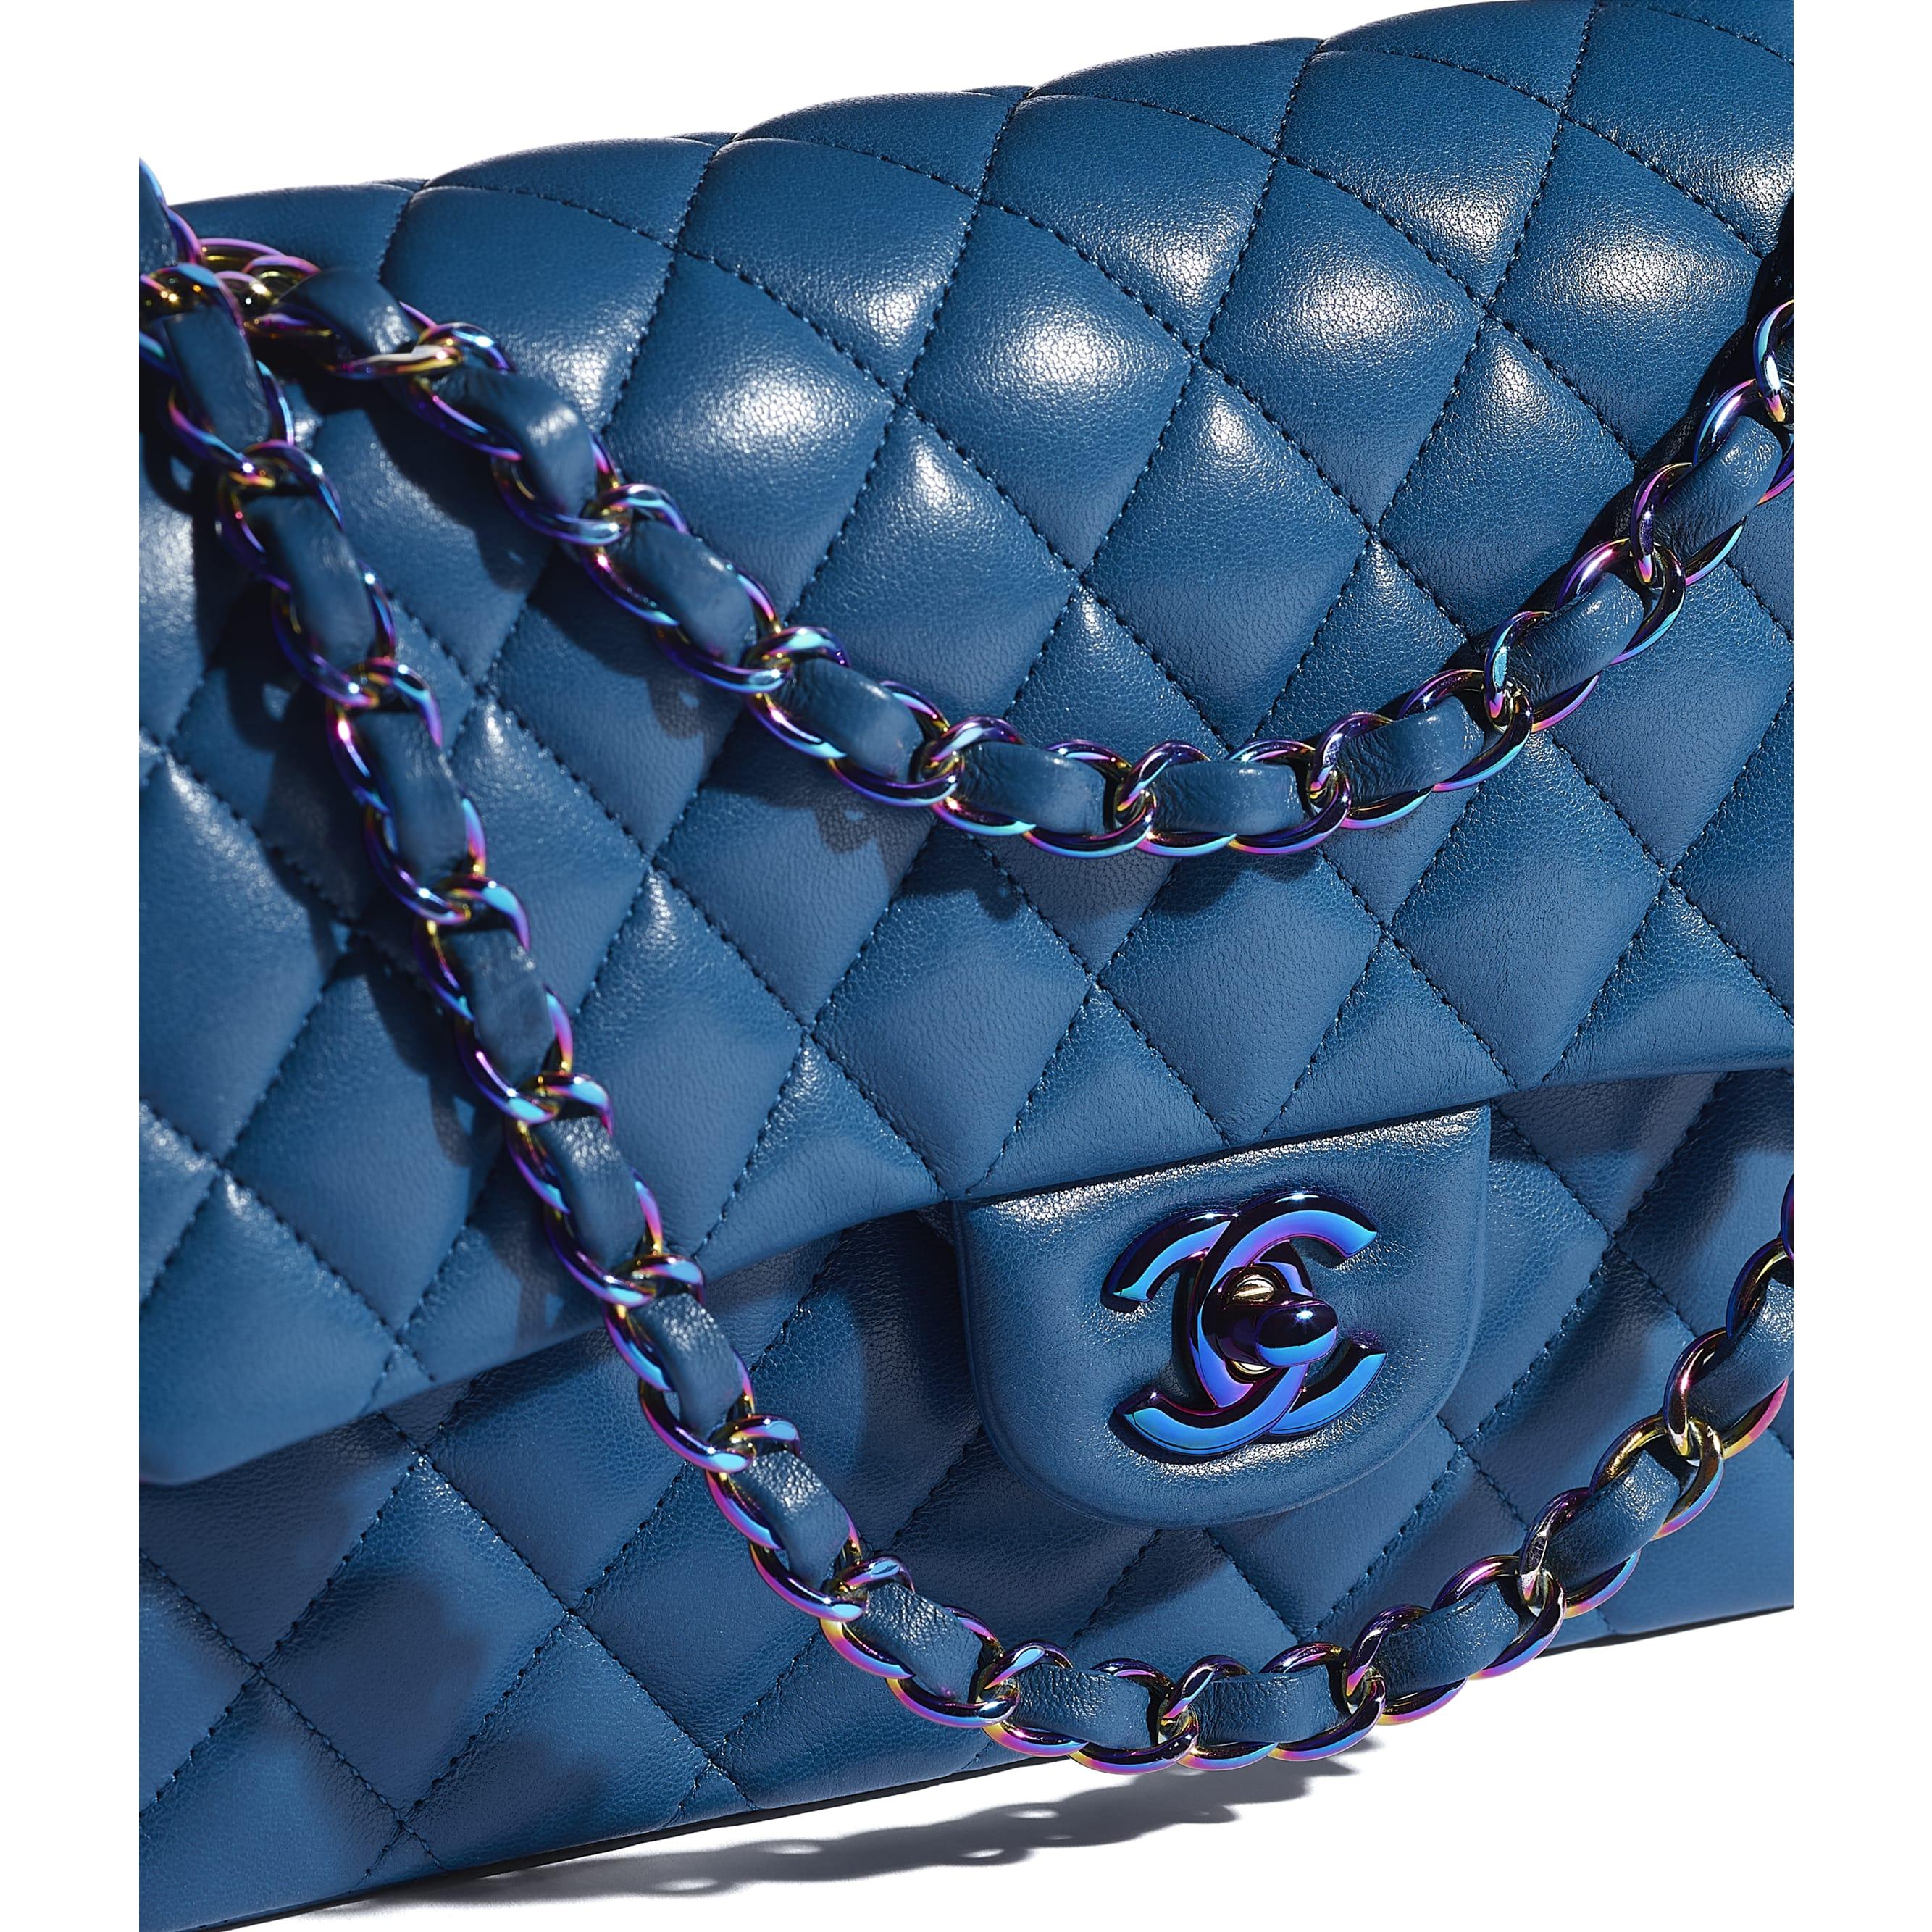 經典款手袋 - 藍色 - 小羊皮及幻彩色金屬 - CHANEL - 額外視圖 - 查看標準尺寸版本